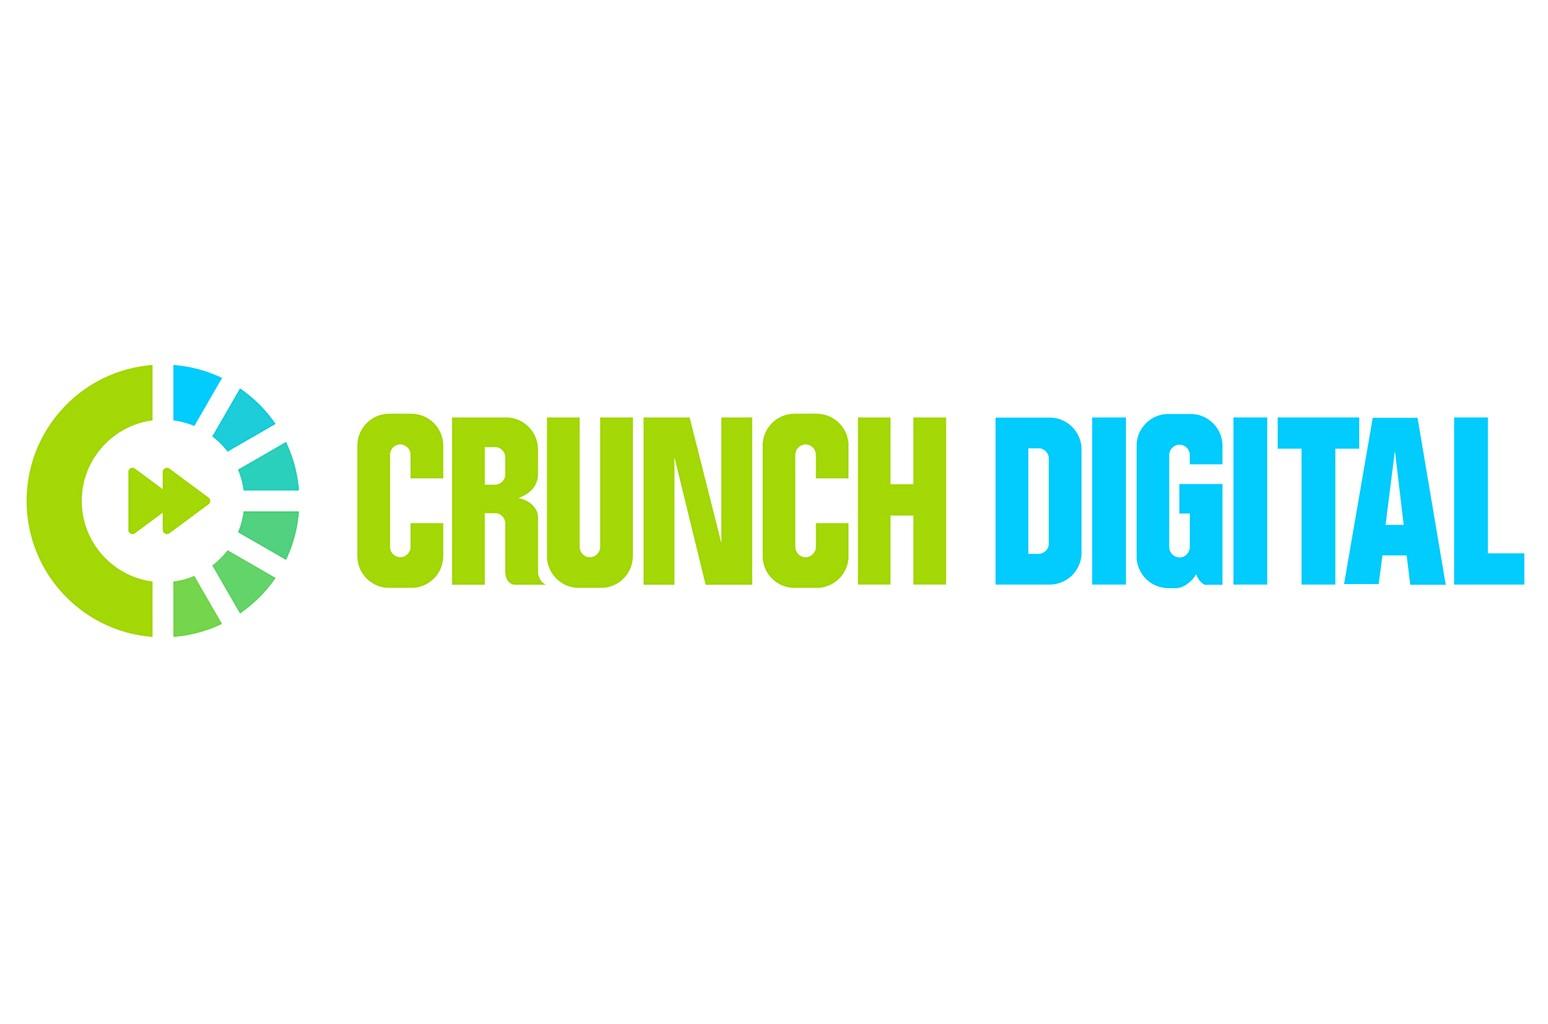 Crunch Digital